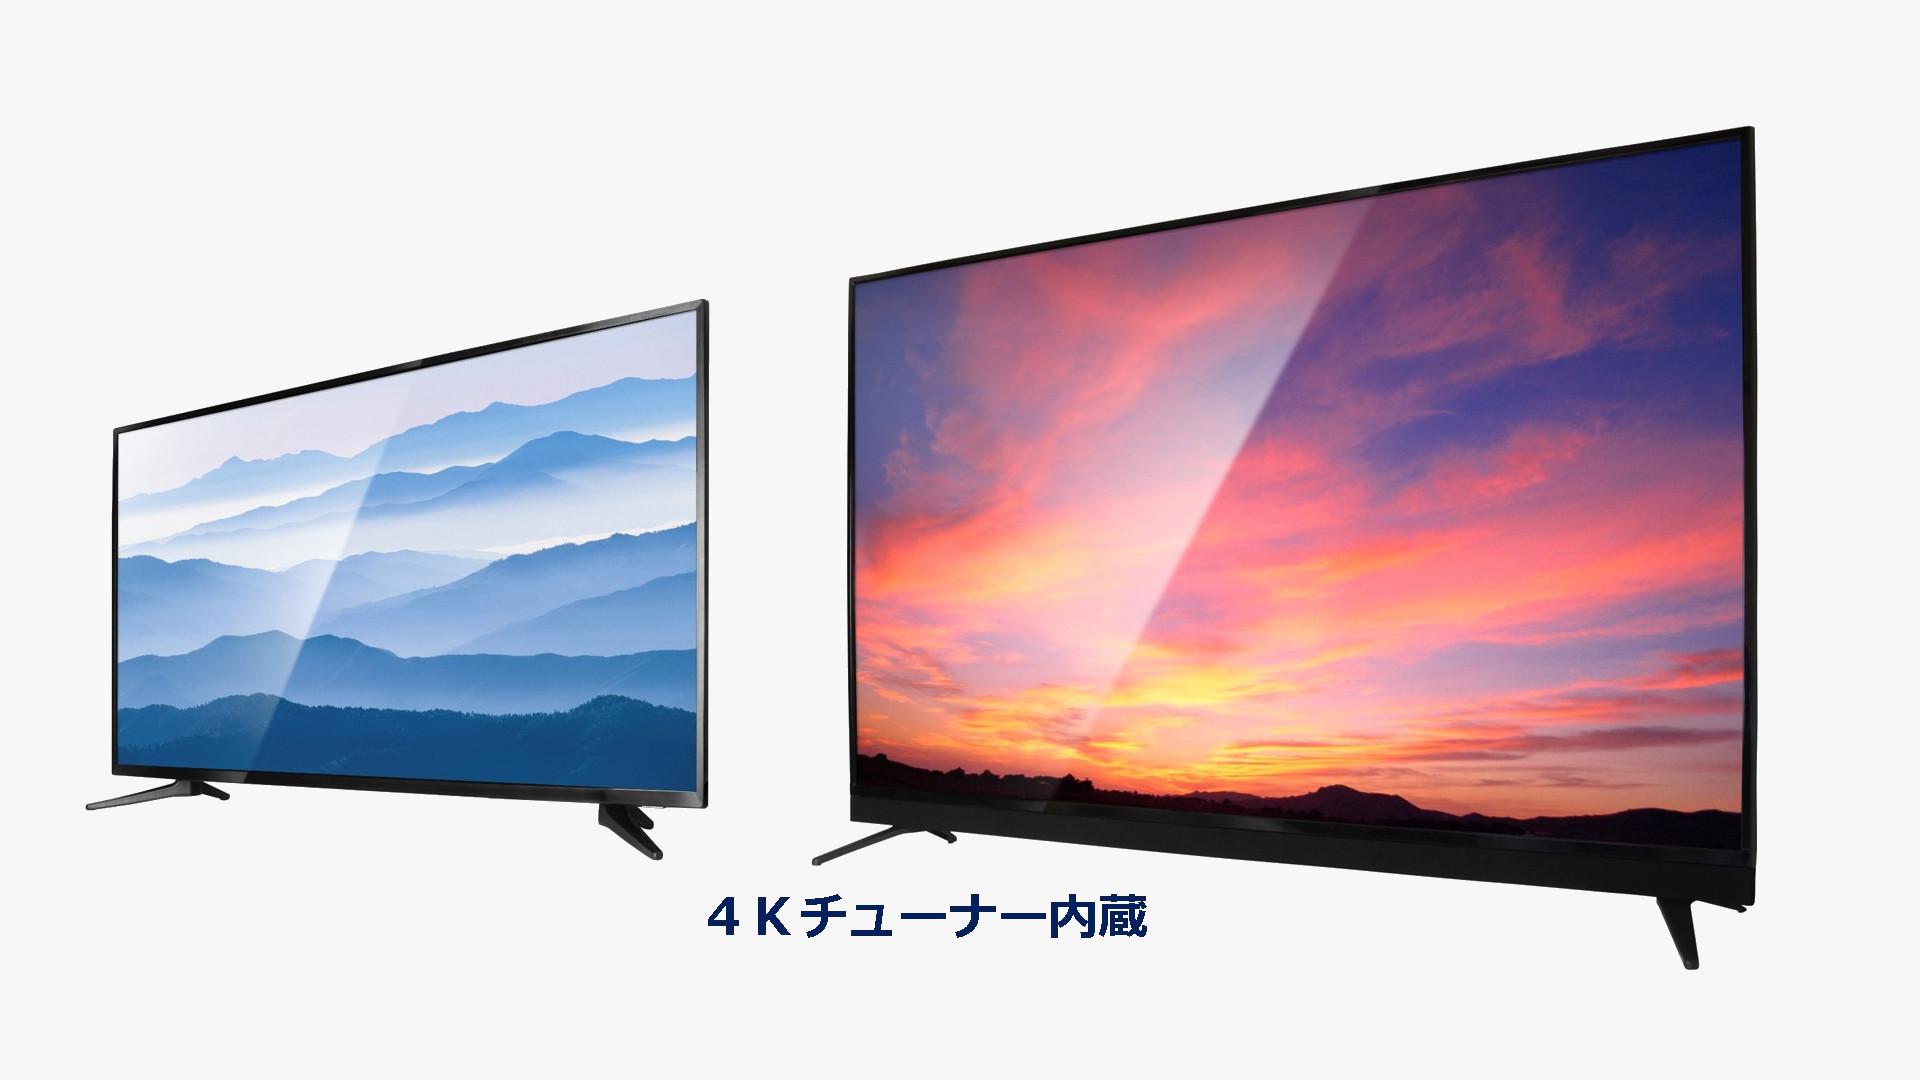 ドン・キホーテ、4Kチューナー内蔵 QLED液晶テレビを発売